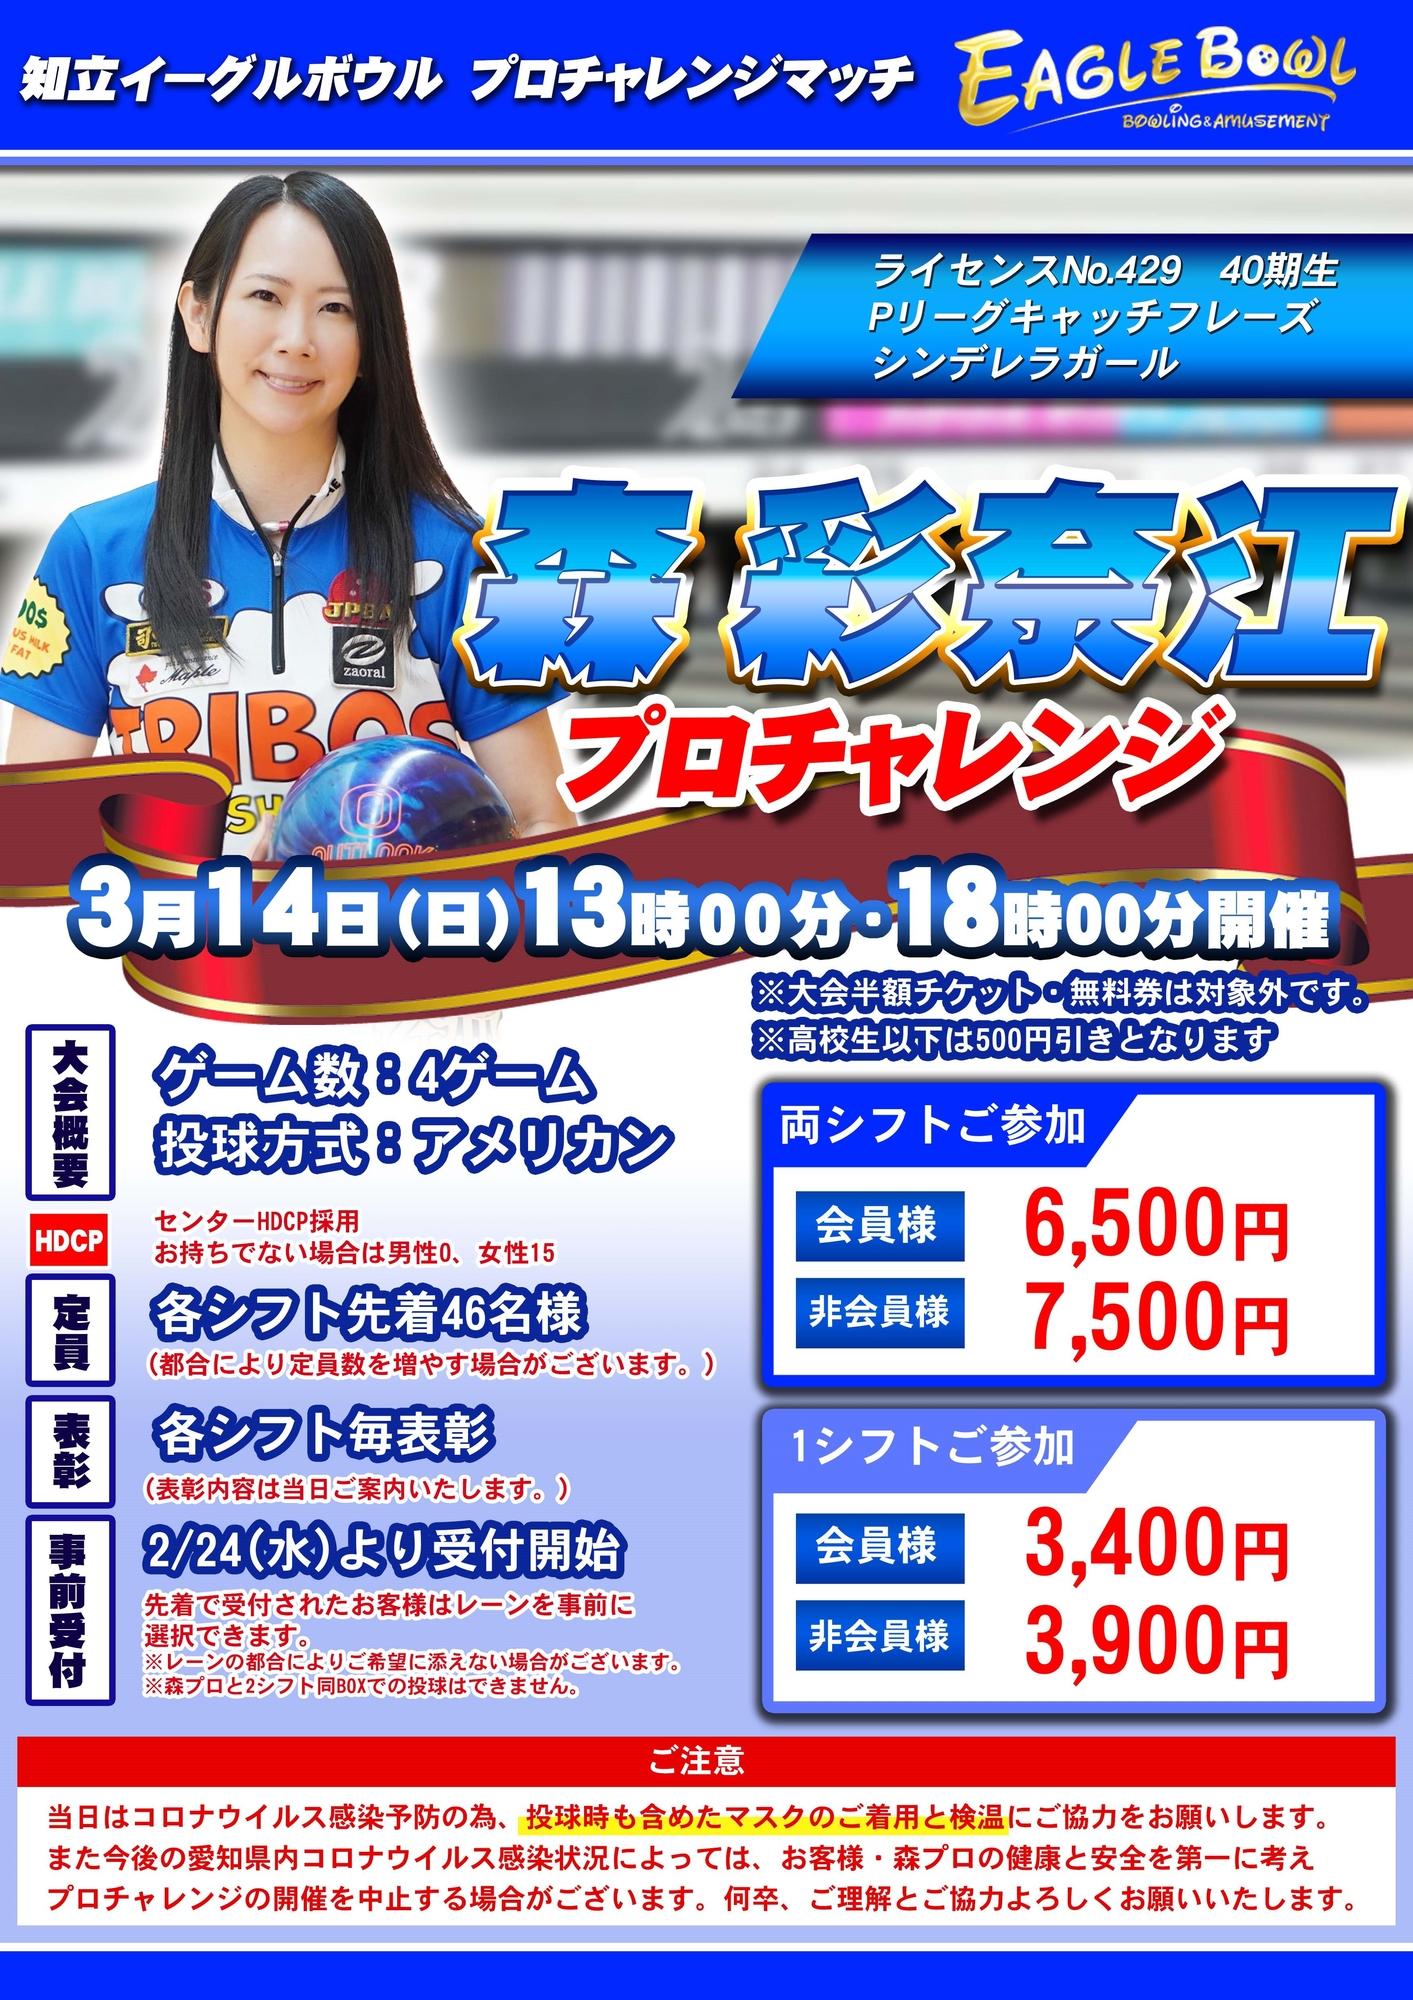 10/24 森彩奈江プロチャレンジ